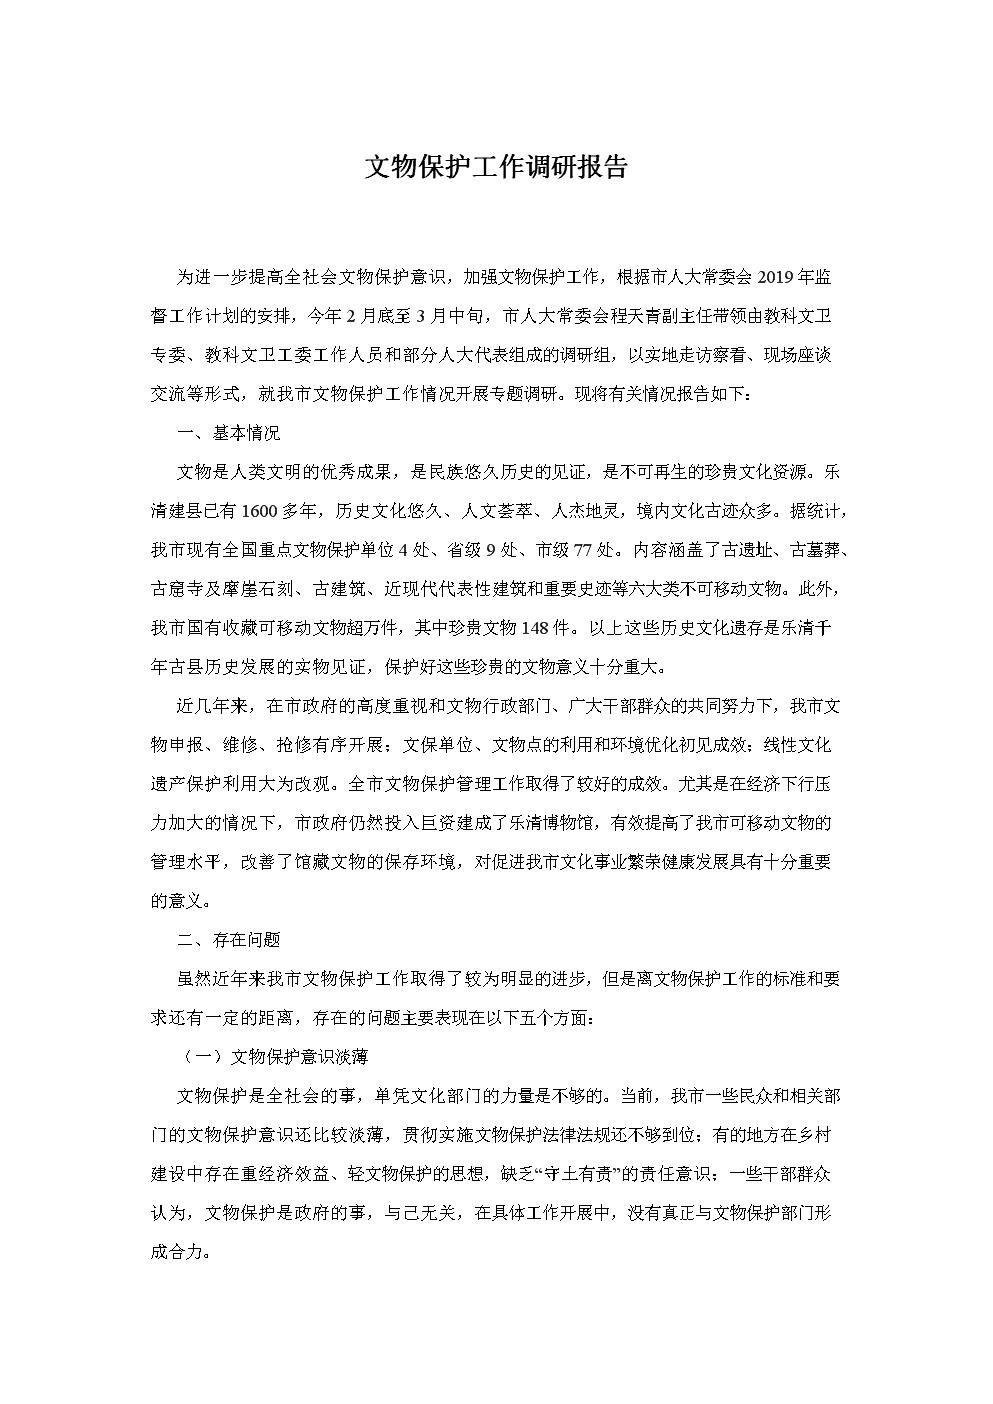 最新2020年度文物保护工作调研报告.doc